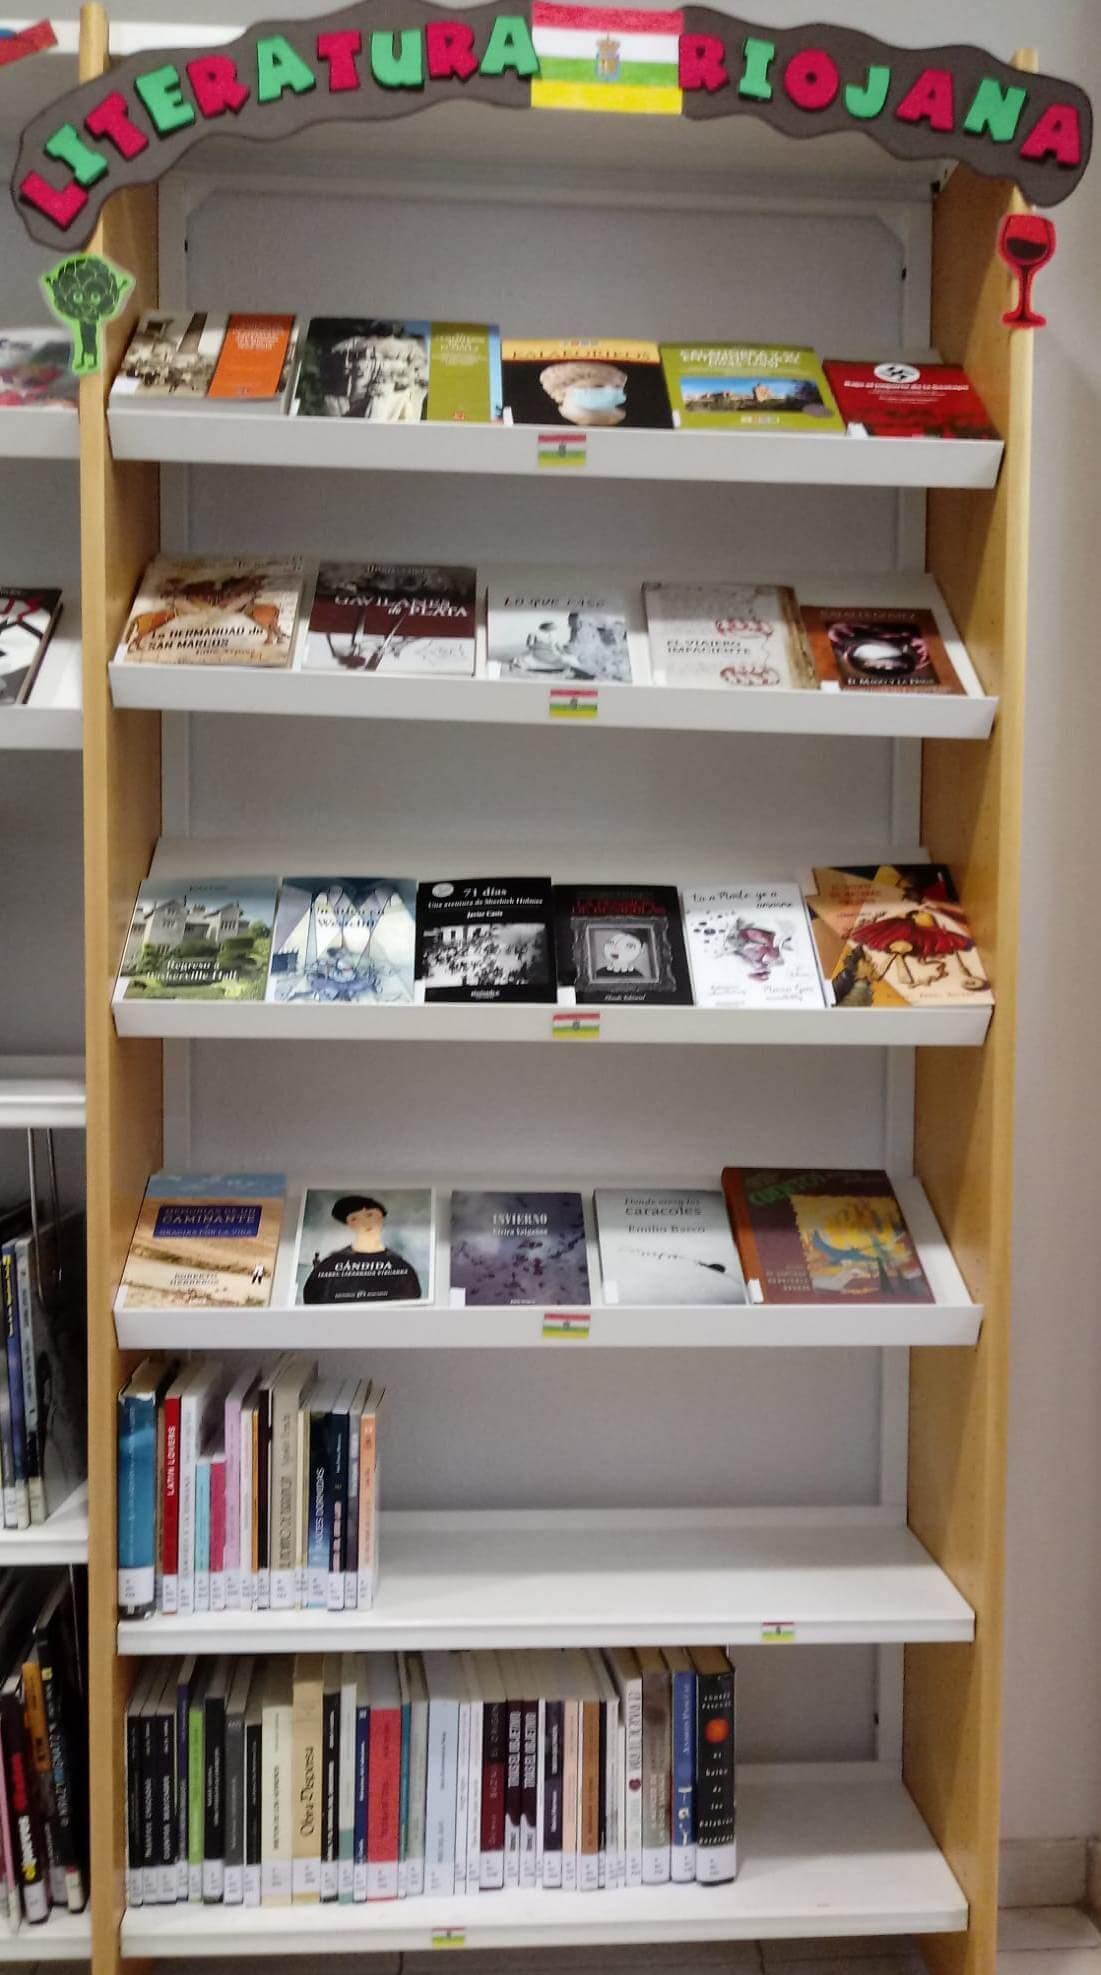 La biblioteca municipal de Calahorra estrena una nueva sección dedicada a la literatura riojana